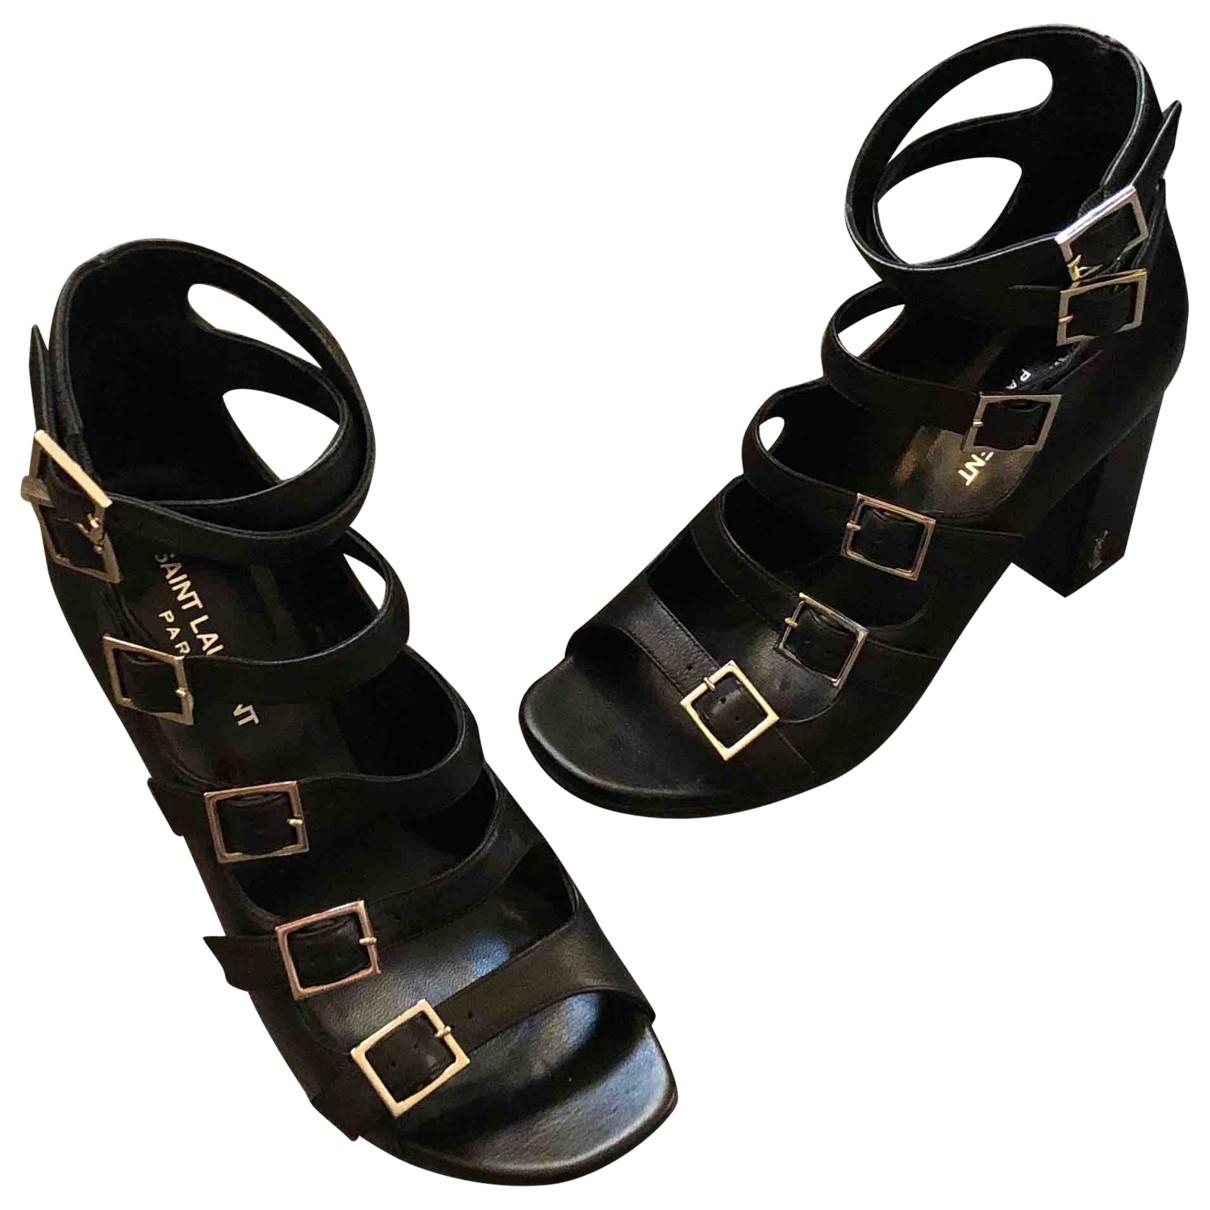 Saint Laurent \N Black Leather Sandals for Women 37 EU